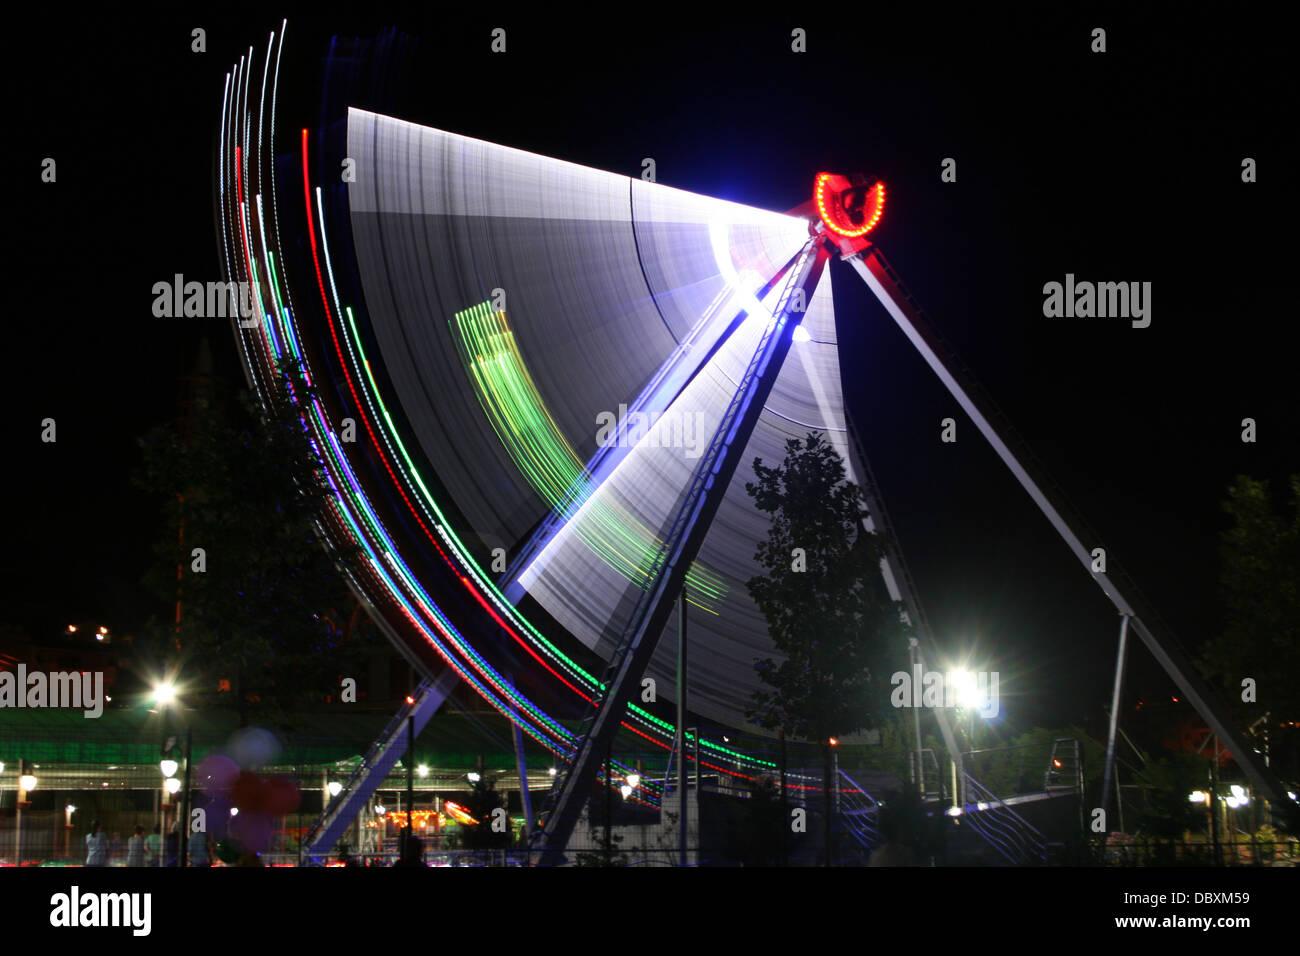 Gondola in Fun Fair Stock Photo